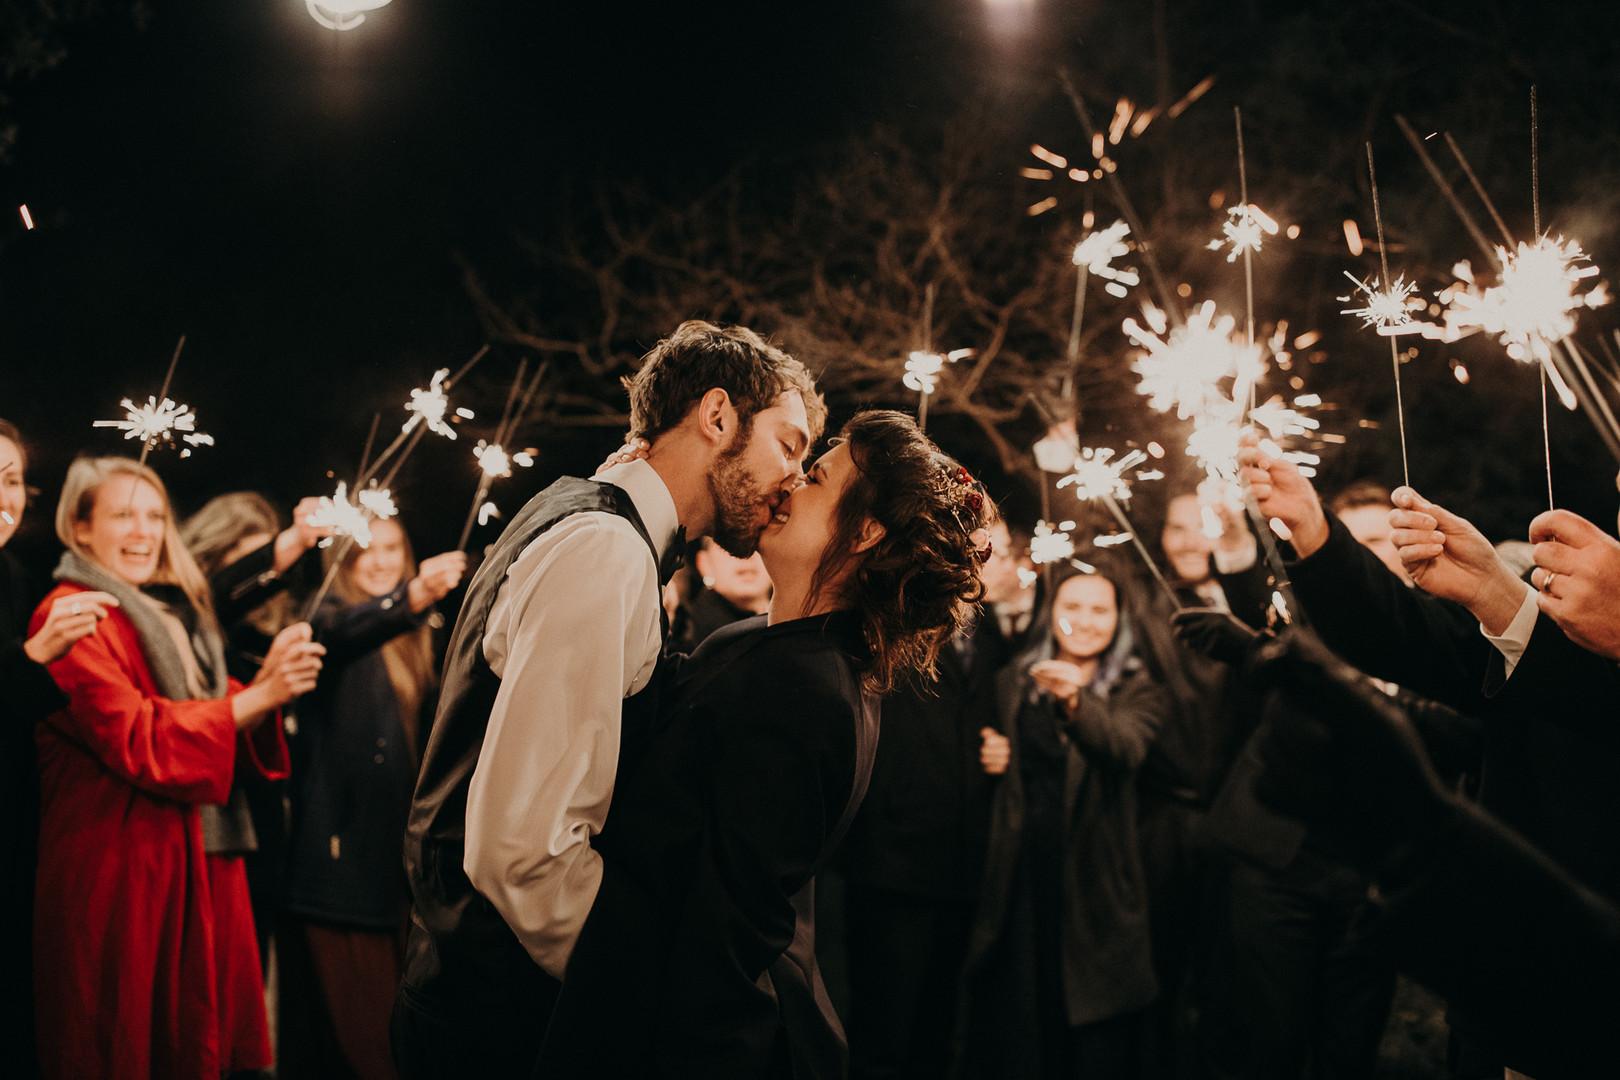 bröllop+nyår+DIY+middag